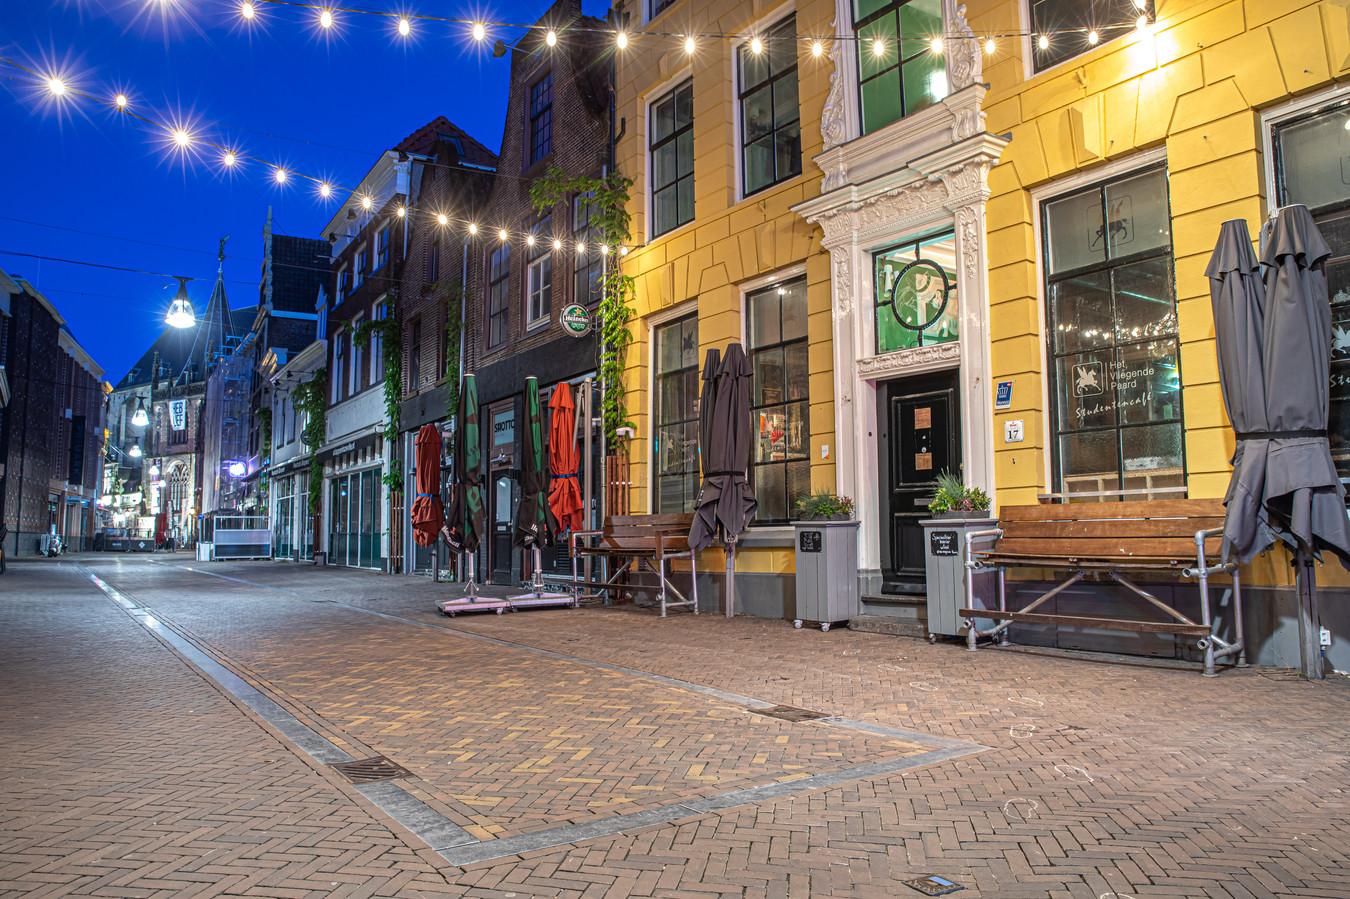 Een uitgestorven Voorstraat, hét uitgaansgebied in Zwolle. Even was er hoop dat de horeca al op 31 mei open mocht, maar dat wordt hoogstwaarschijnlijk pas op maandag 1 juni, om 12.00 uur.